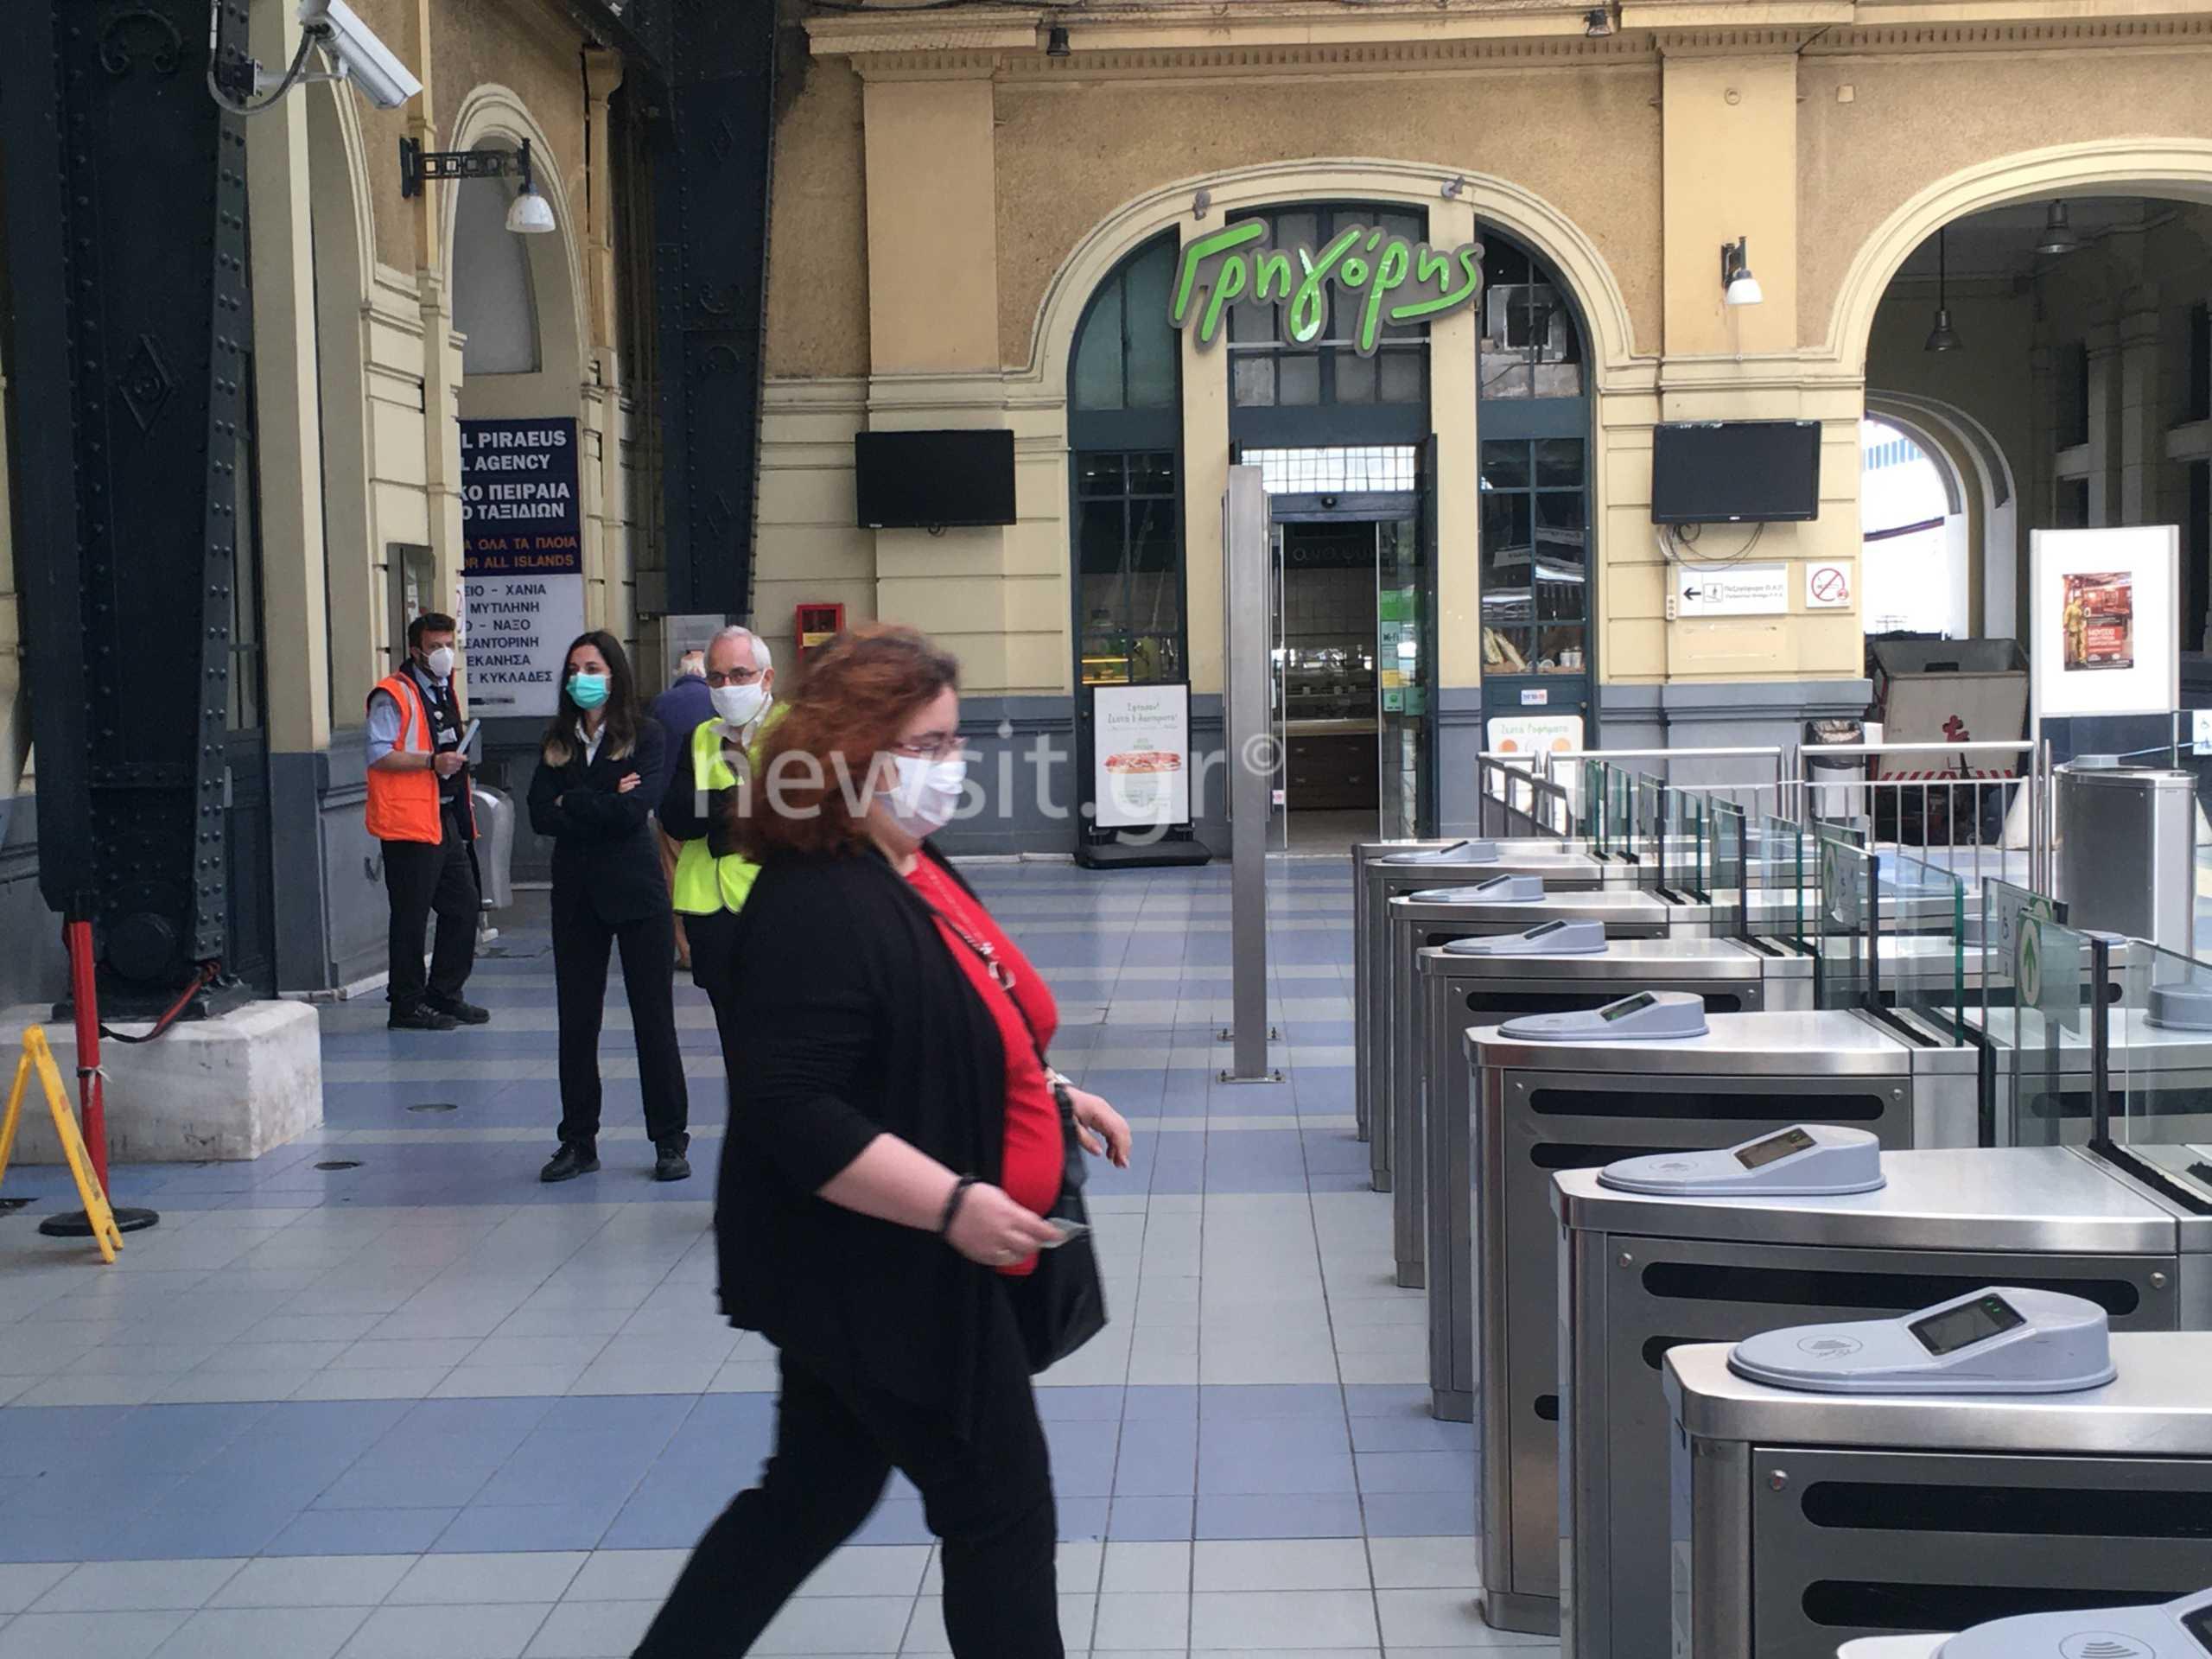 Μουδιασμένοι επιβάτες και κανείς χωρίς μάσκα! Αυτή είναι η εικόνα σήμερα στα Μέσα Μαζικής Μεταφοράς